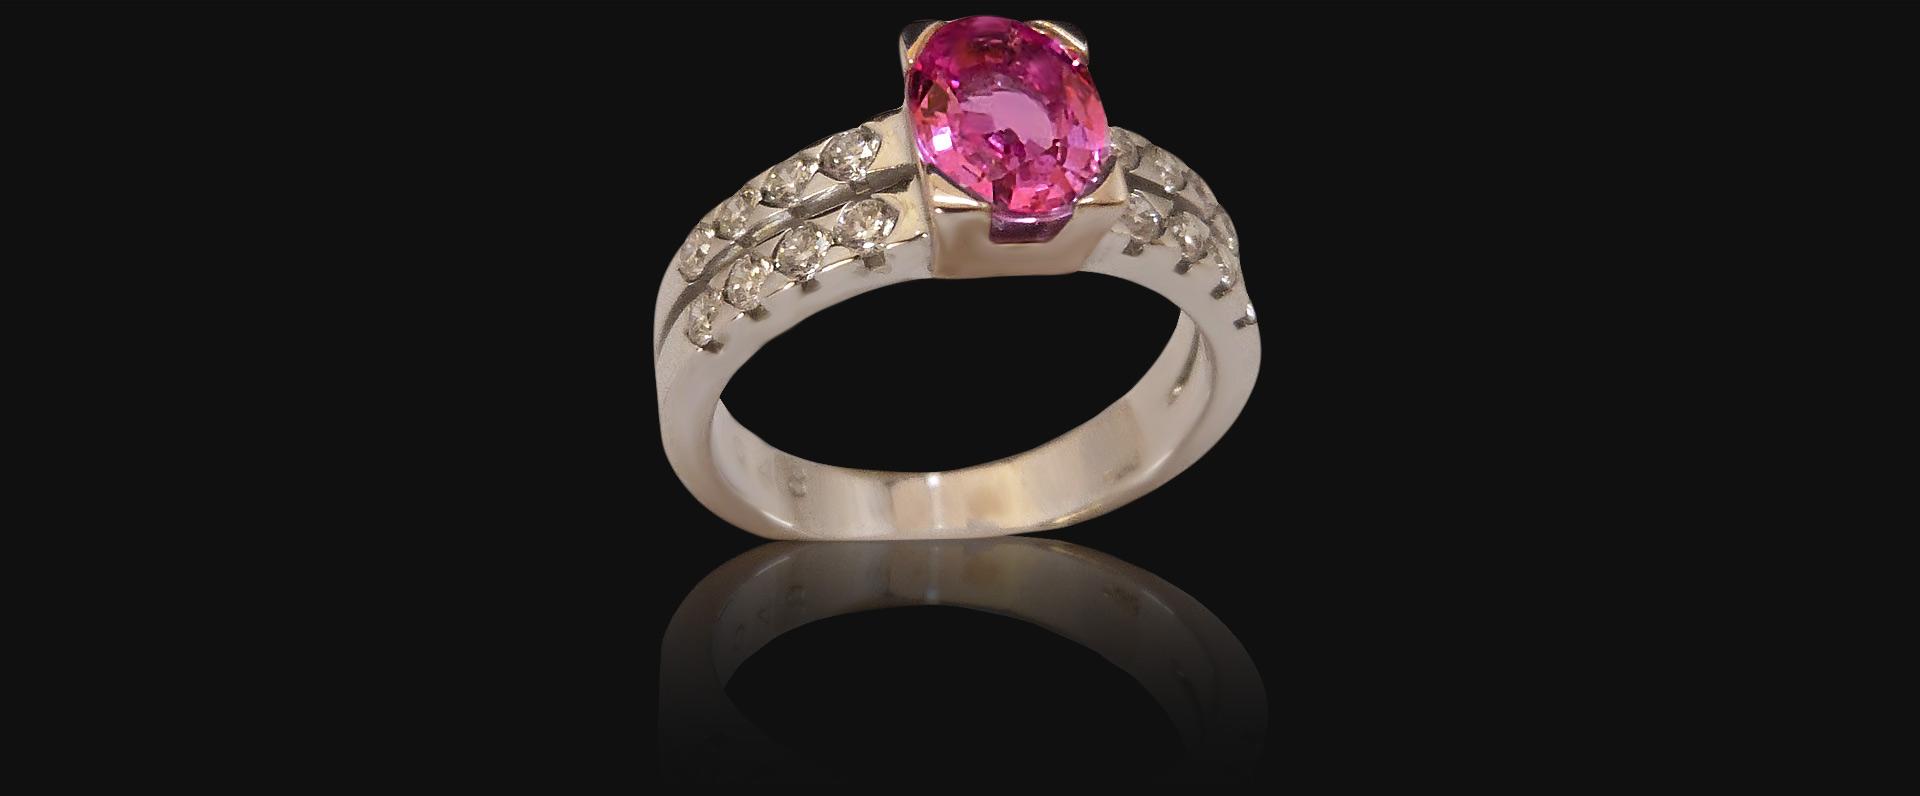 Bague or blanc de 7g60, saphir 1,60 carat, Diamants 0,48 carat - PRIX : 3975 €